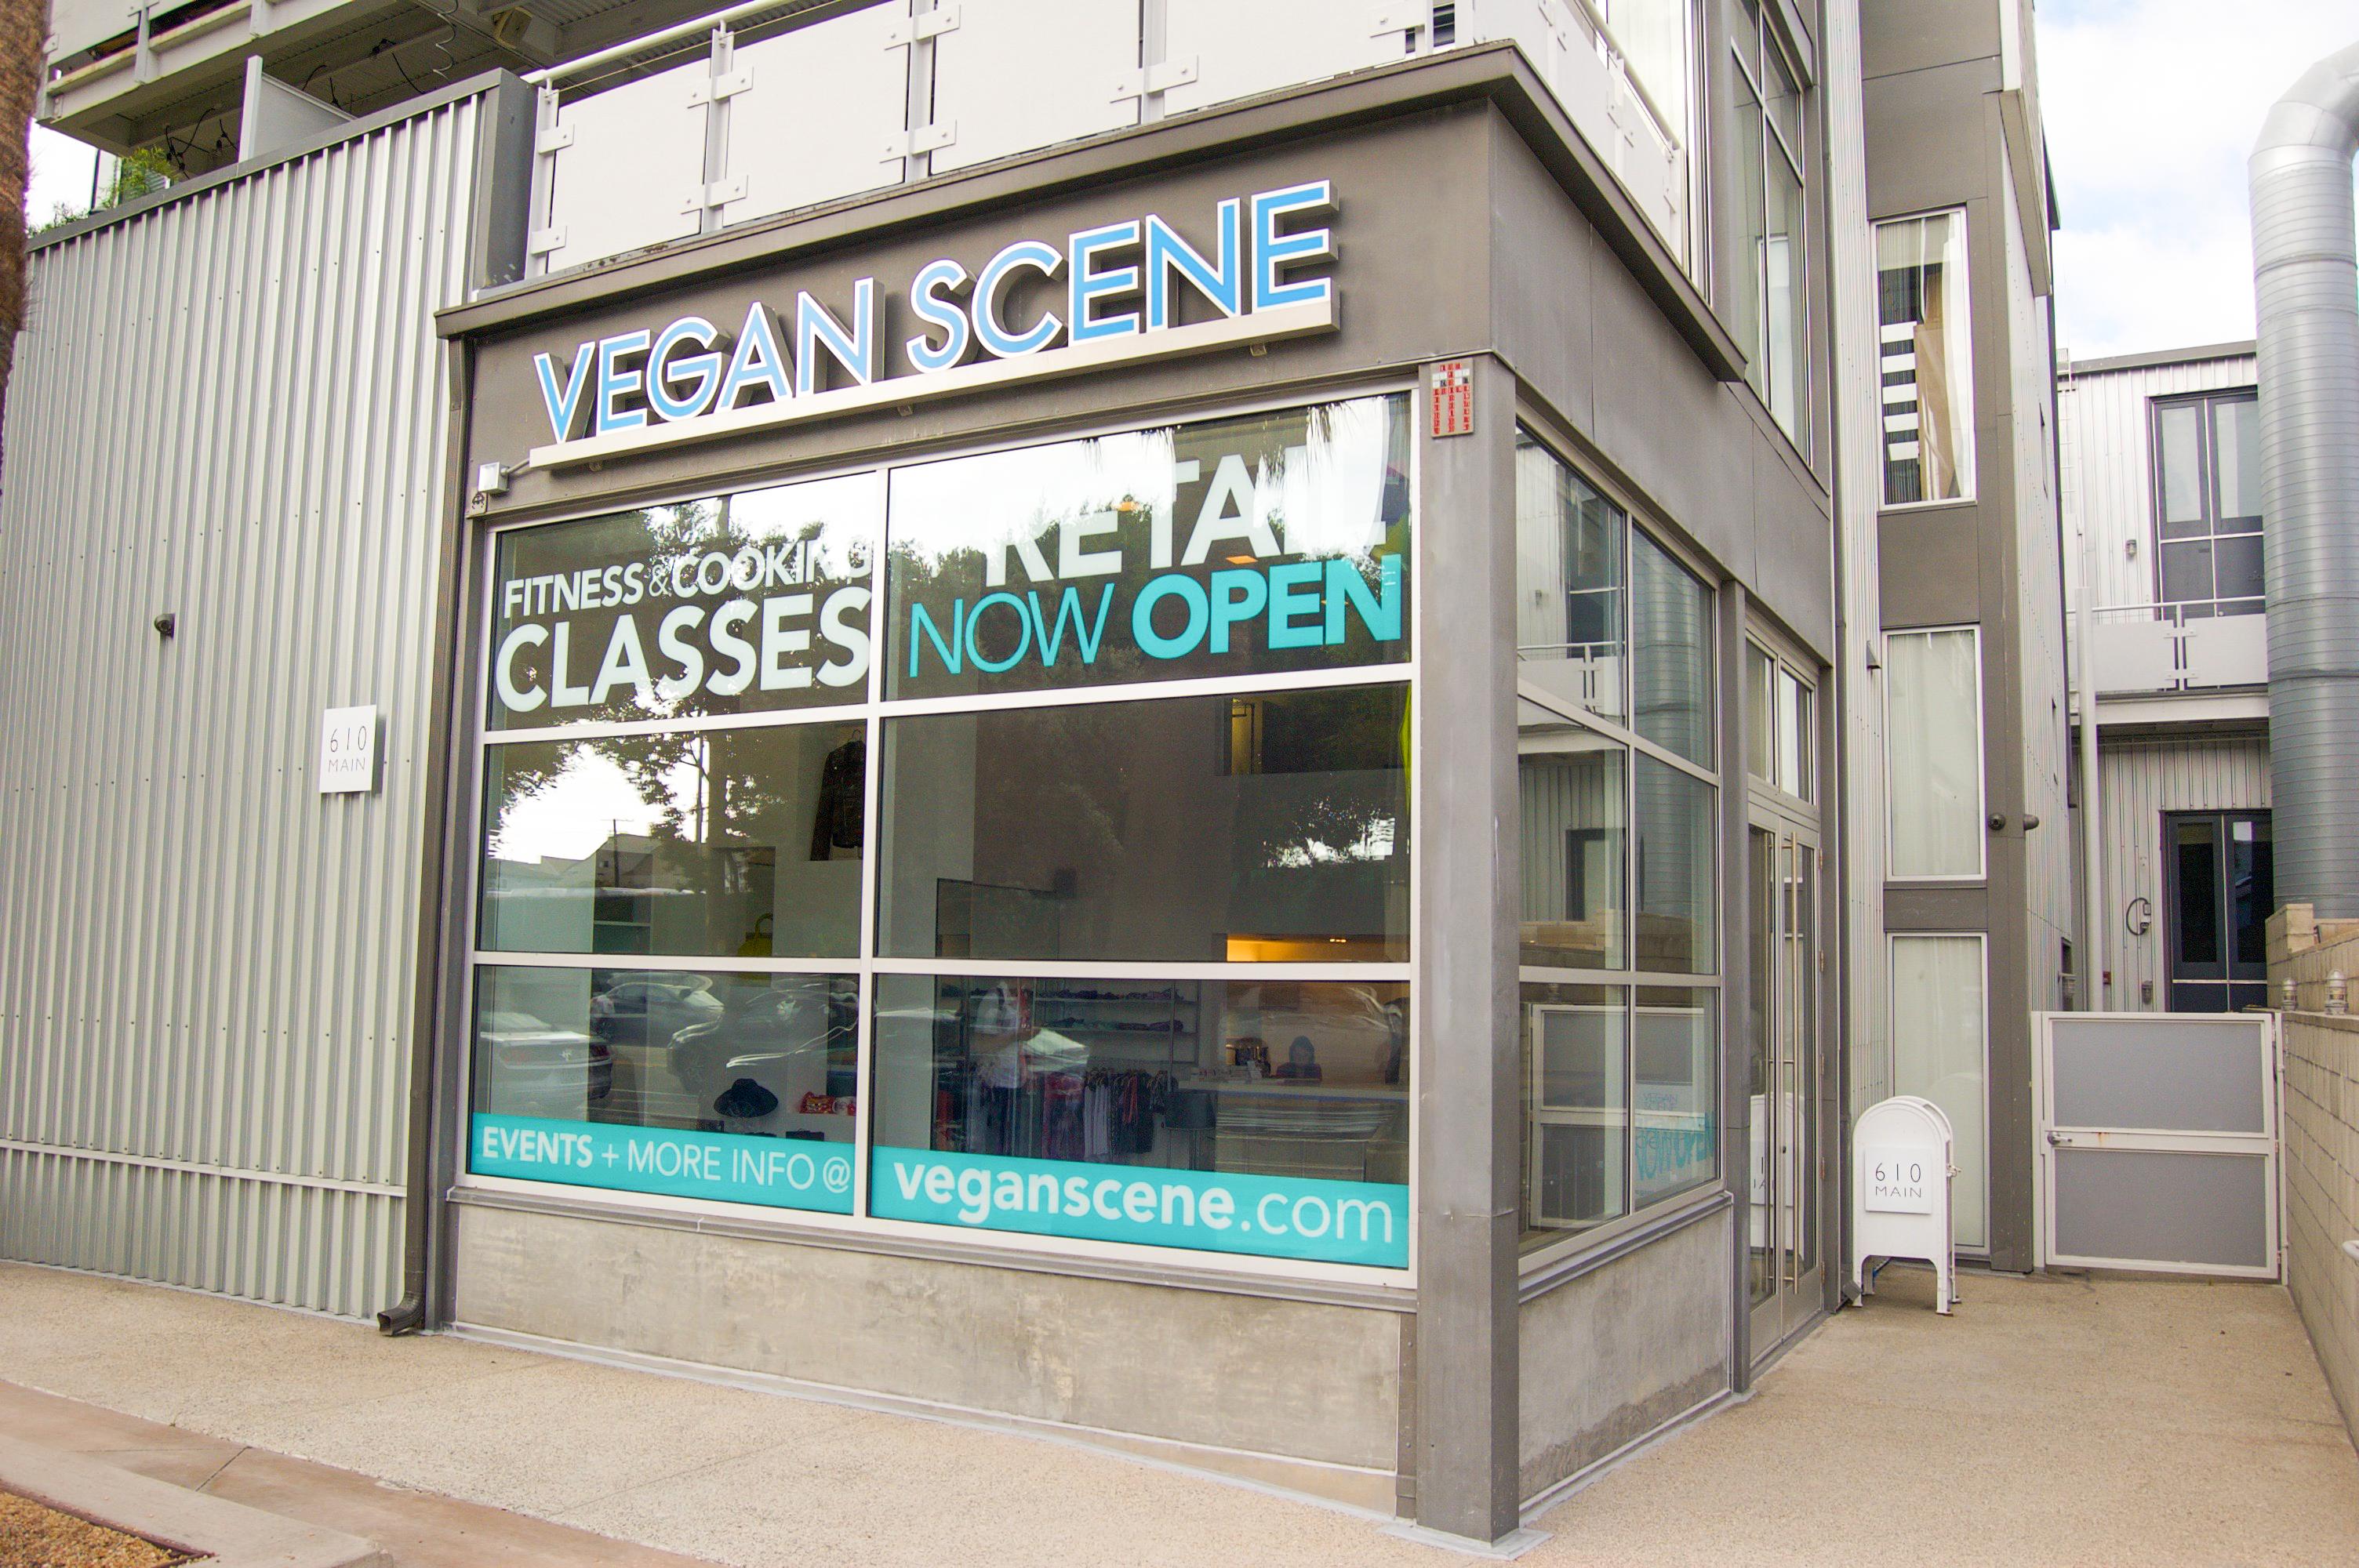 Exterior Vegan Scene